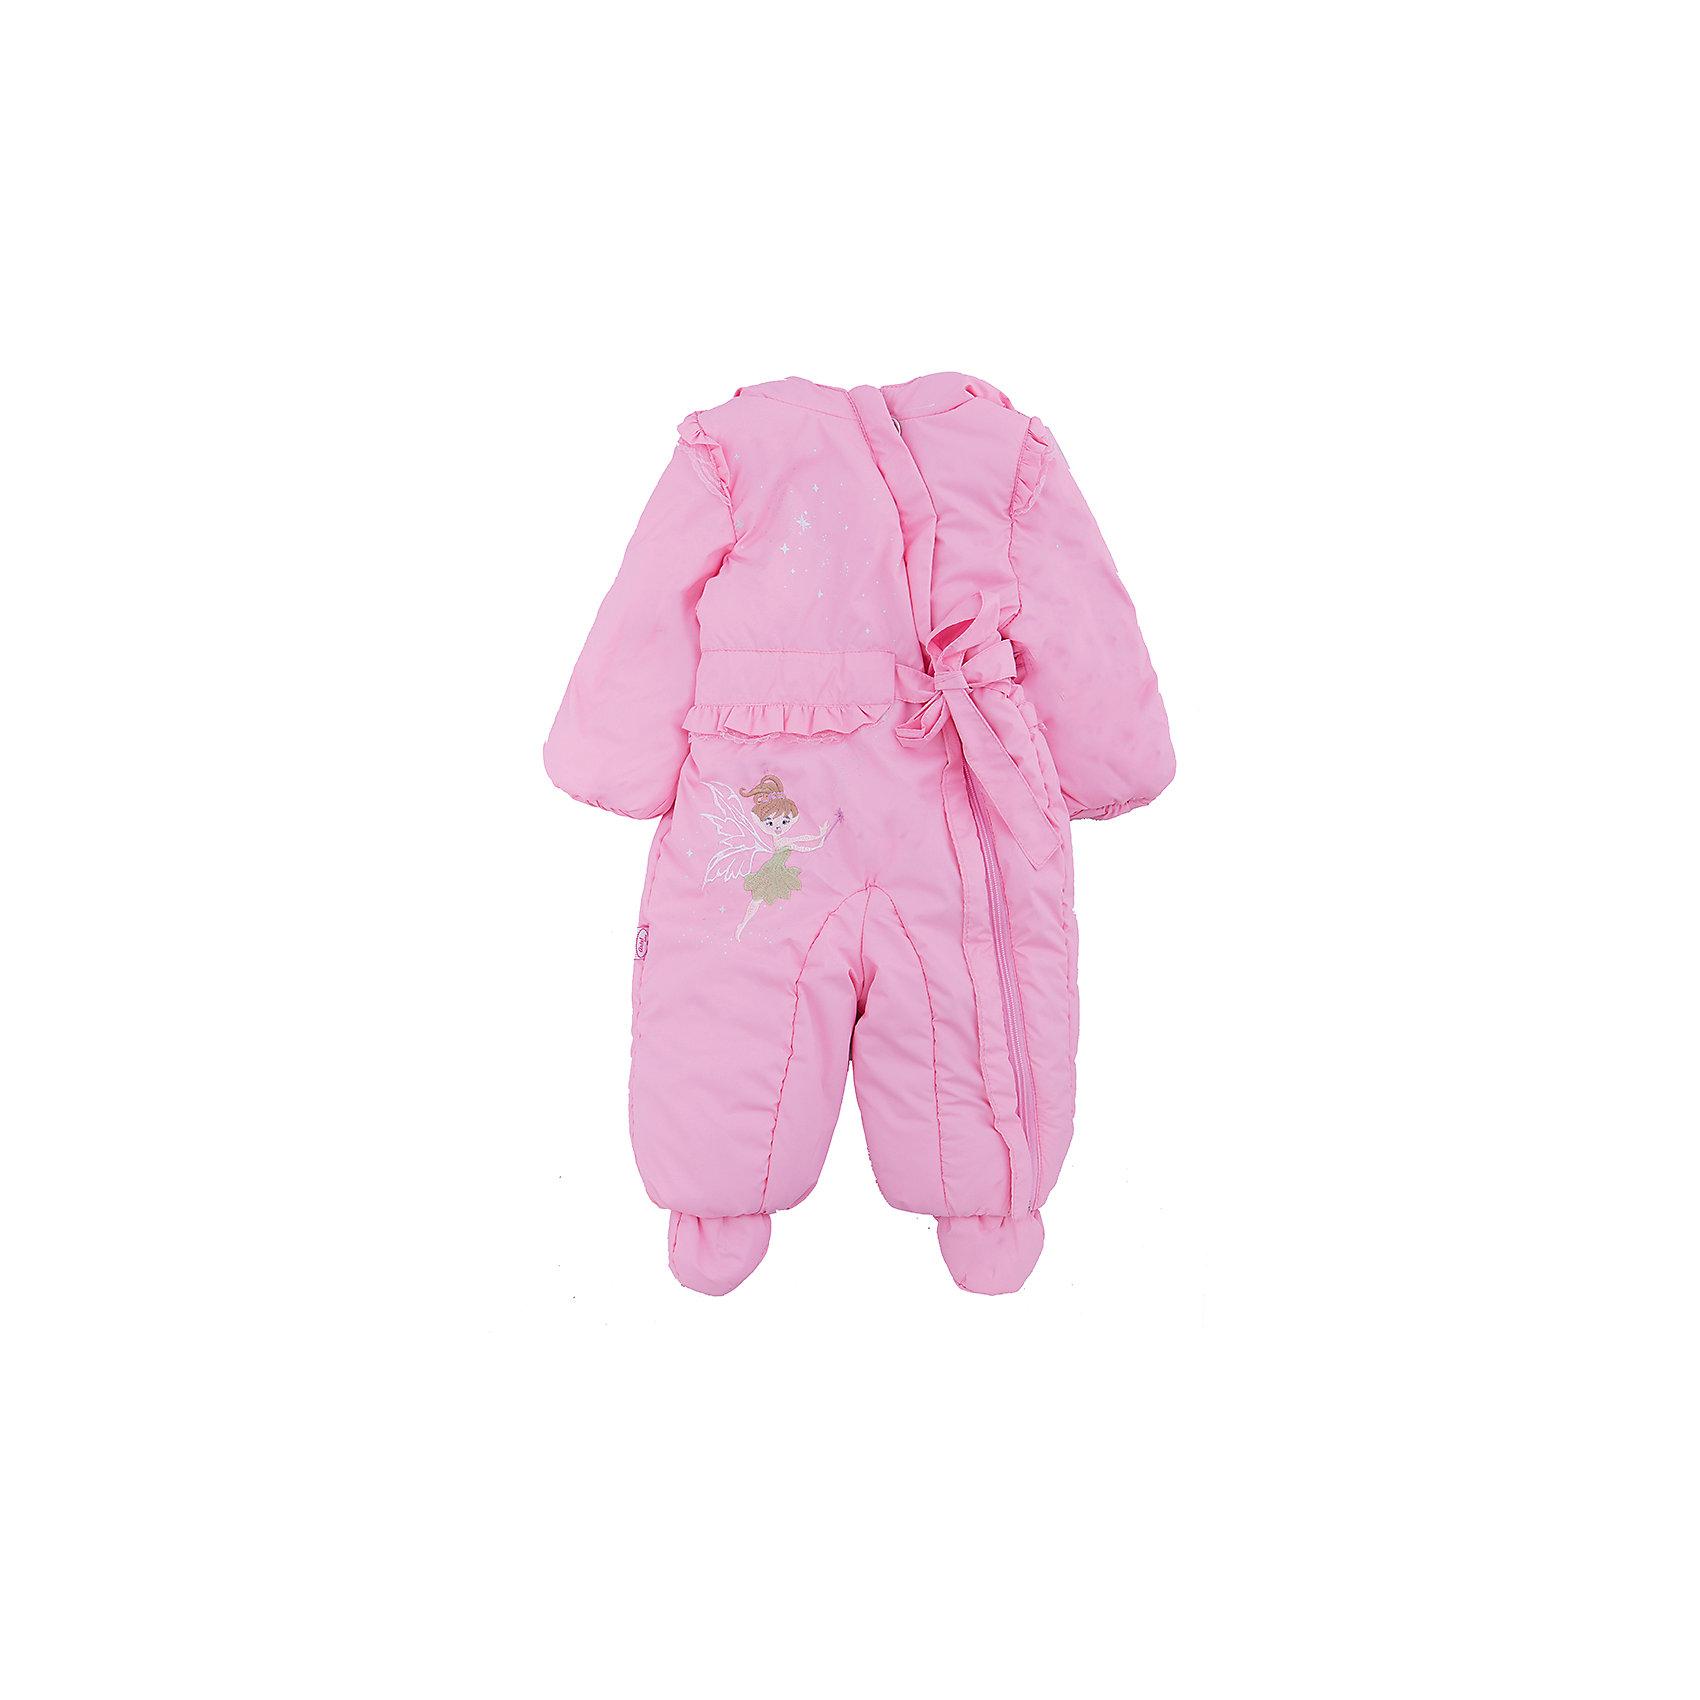 Комбинезон для девочки АртельВерхняя одежда<br>Комбинезон для девочки от торговой марки Артель &#13;<br>&#13;<br>Симпатичный розовый комбинезон создан специально для девочек. Изделие выполнено из качественных материалов, имеет удобные карманы и капюшон. Отличный вариант для переменной погоды межсезонья!&#13;<br>Одежда от бренда Артель – это высокое качество по приемлемой цене и всегда продуманный дизайн. &#13;<br>&#13;<br>Особенности модели: &#13;<br>- цвет - розовый;&#13;<br>- украшен вышивкой;&#13;<br>- наличие капюшона;&#13;<br>- утеплитель;&#13;<br>- отделка бантом и крыльями;&#13;<br>- застежка-молния.&#13;<br>&#13;<br>Дополнительная информация:&#13;<br>&#13;<br>Состав: &#13;<br>- верх: DewspoFD;<br>- подкладка: хлопок интерлок;<br>- утеплитель: TermoFinn 100 г.<br><br>&#13;<br>Температурный режим: &#13;<br>от -10 °C до + 10 °C&#13;<br>&#13;<br>Комбинезон для девочки Артель (Artel) можно купить в нашем магазине.<br><br>Ширина мм: 356<br>Глубина мм: 10<br>Высота мм: 245<br>Вес г: 519<br>Цвет: розовый<br>Возраст от месяцев: 6<br>Возраст до месяцев: 9<br>Пол: Женский<br>Возраст: Детский<br>Размер: 74,80,68<br>SKU: 4537226